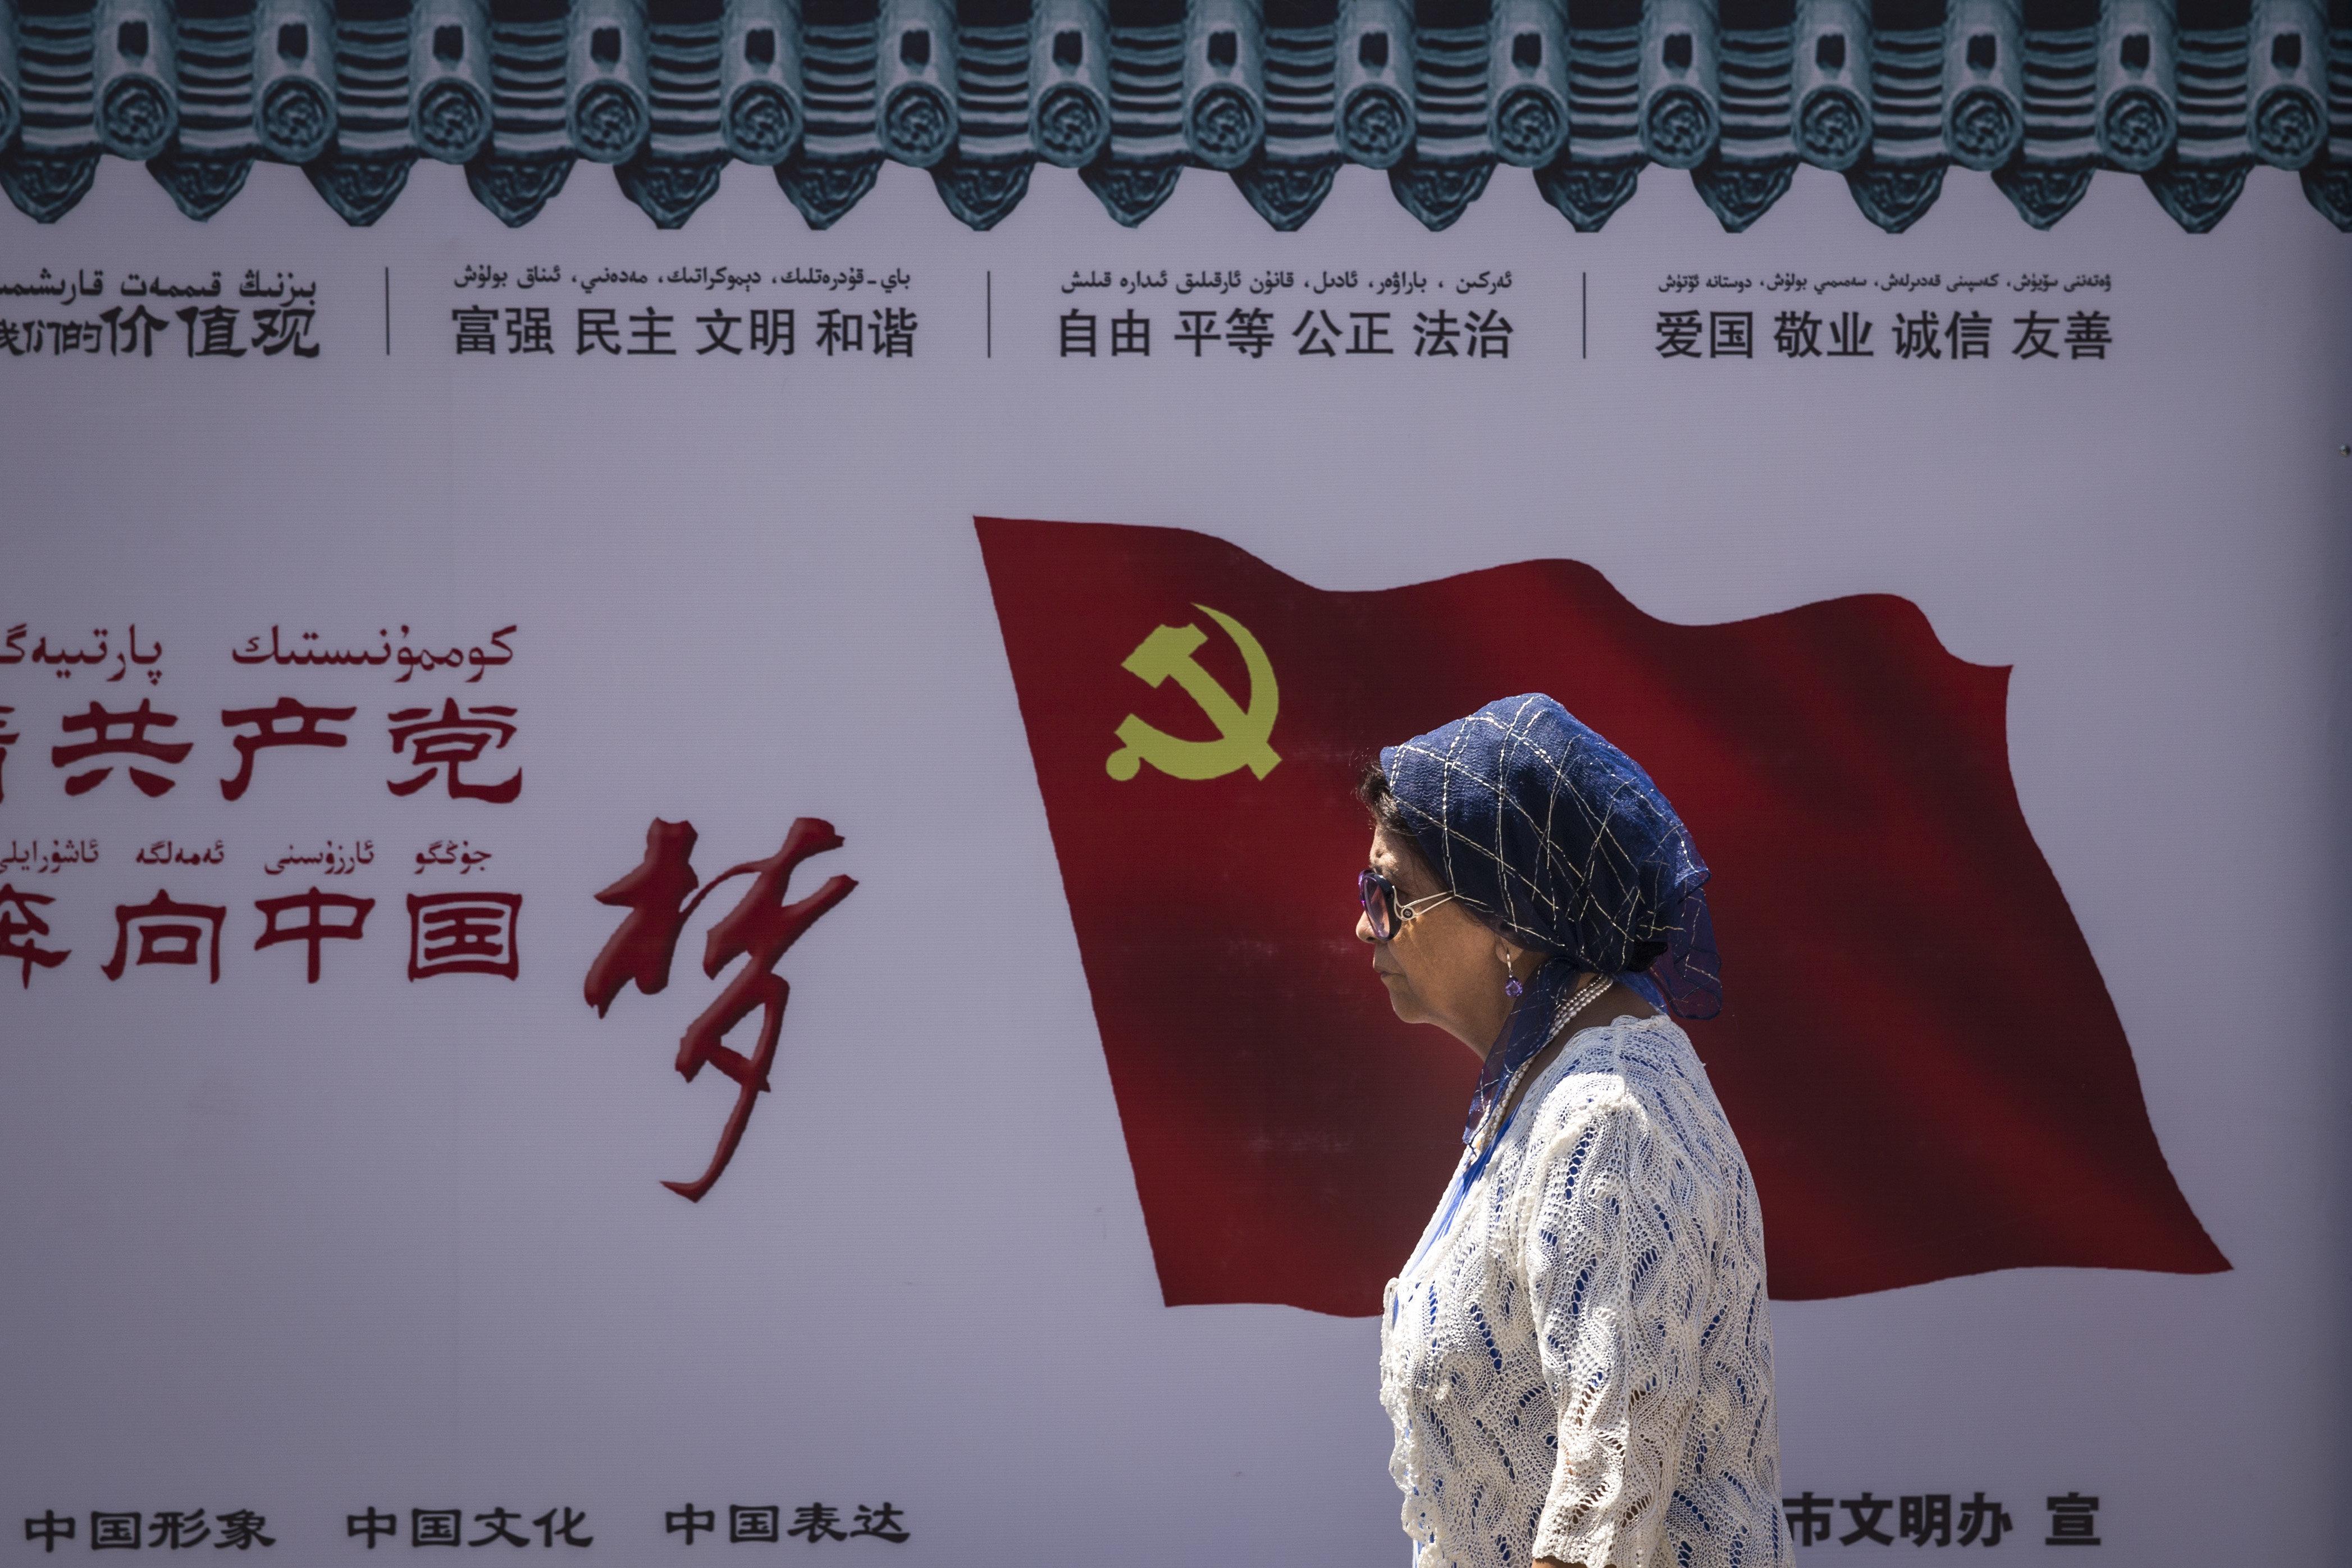 중국 무슬림 100만명 비밀수용소 억류는 어떻게